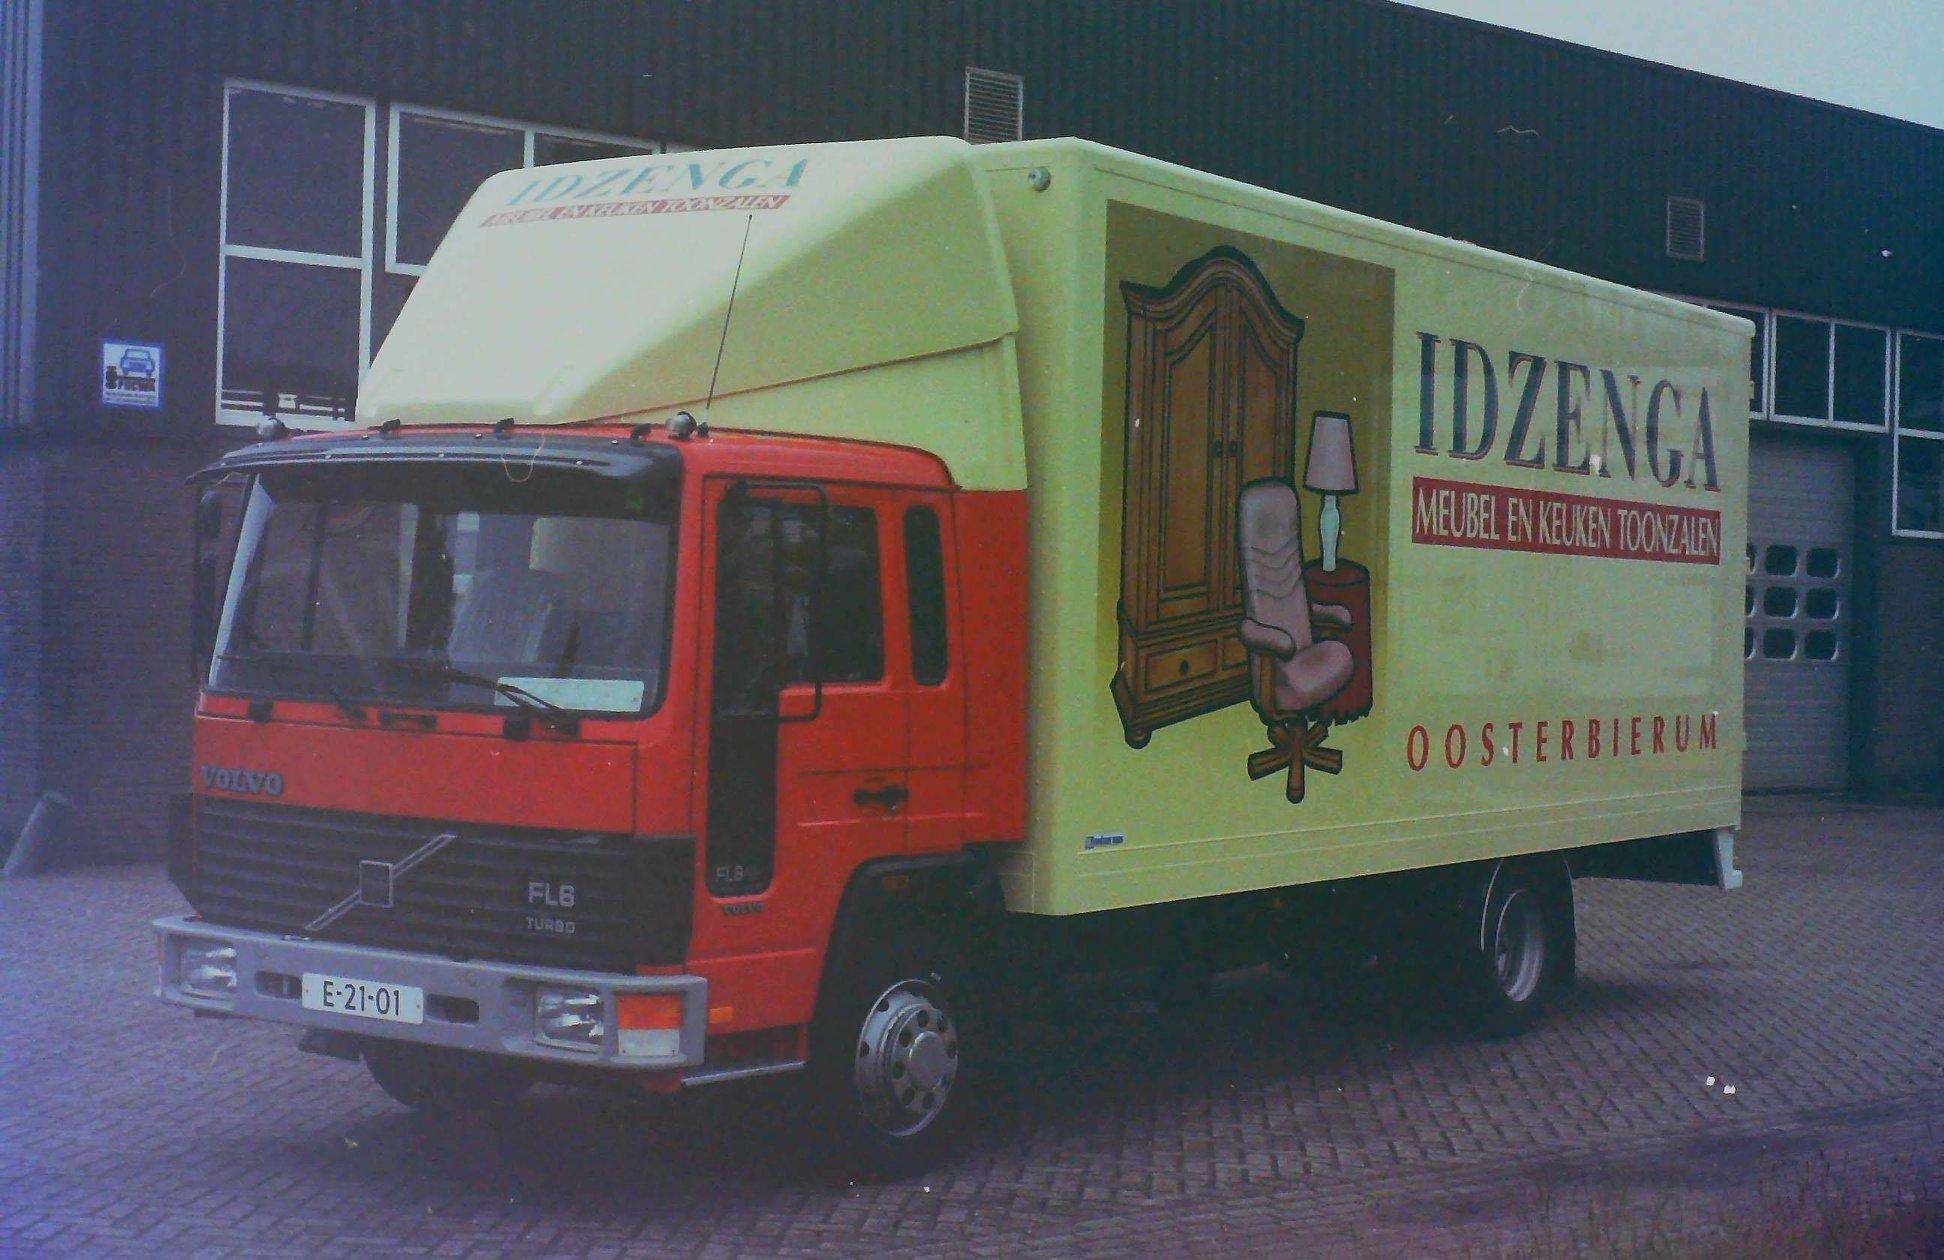 Deze-auto-is-opgebouwd-voor-Meubelzaak-IDZENGA-uit-Oosterbierum-door-Rondaan-1